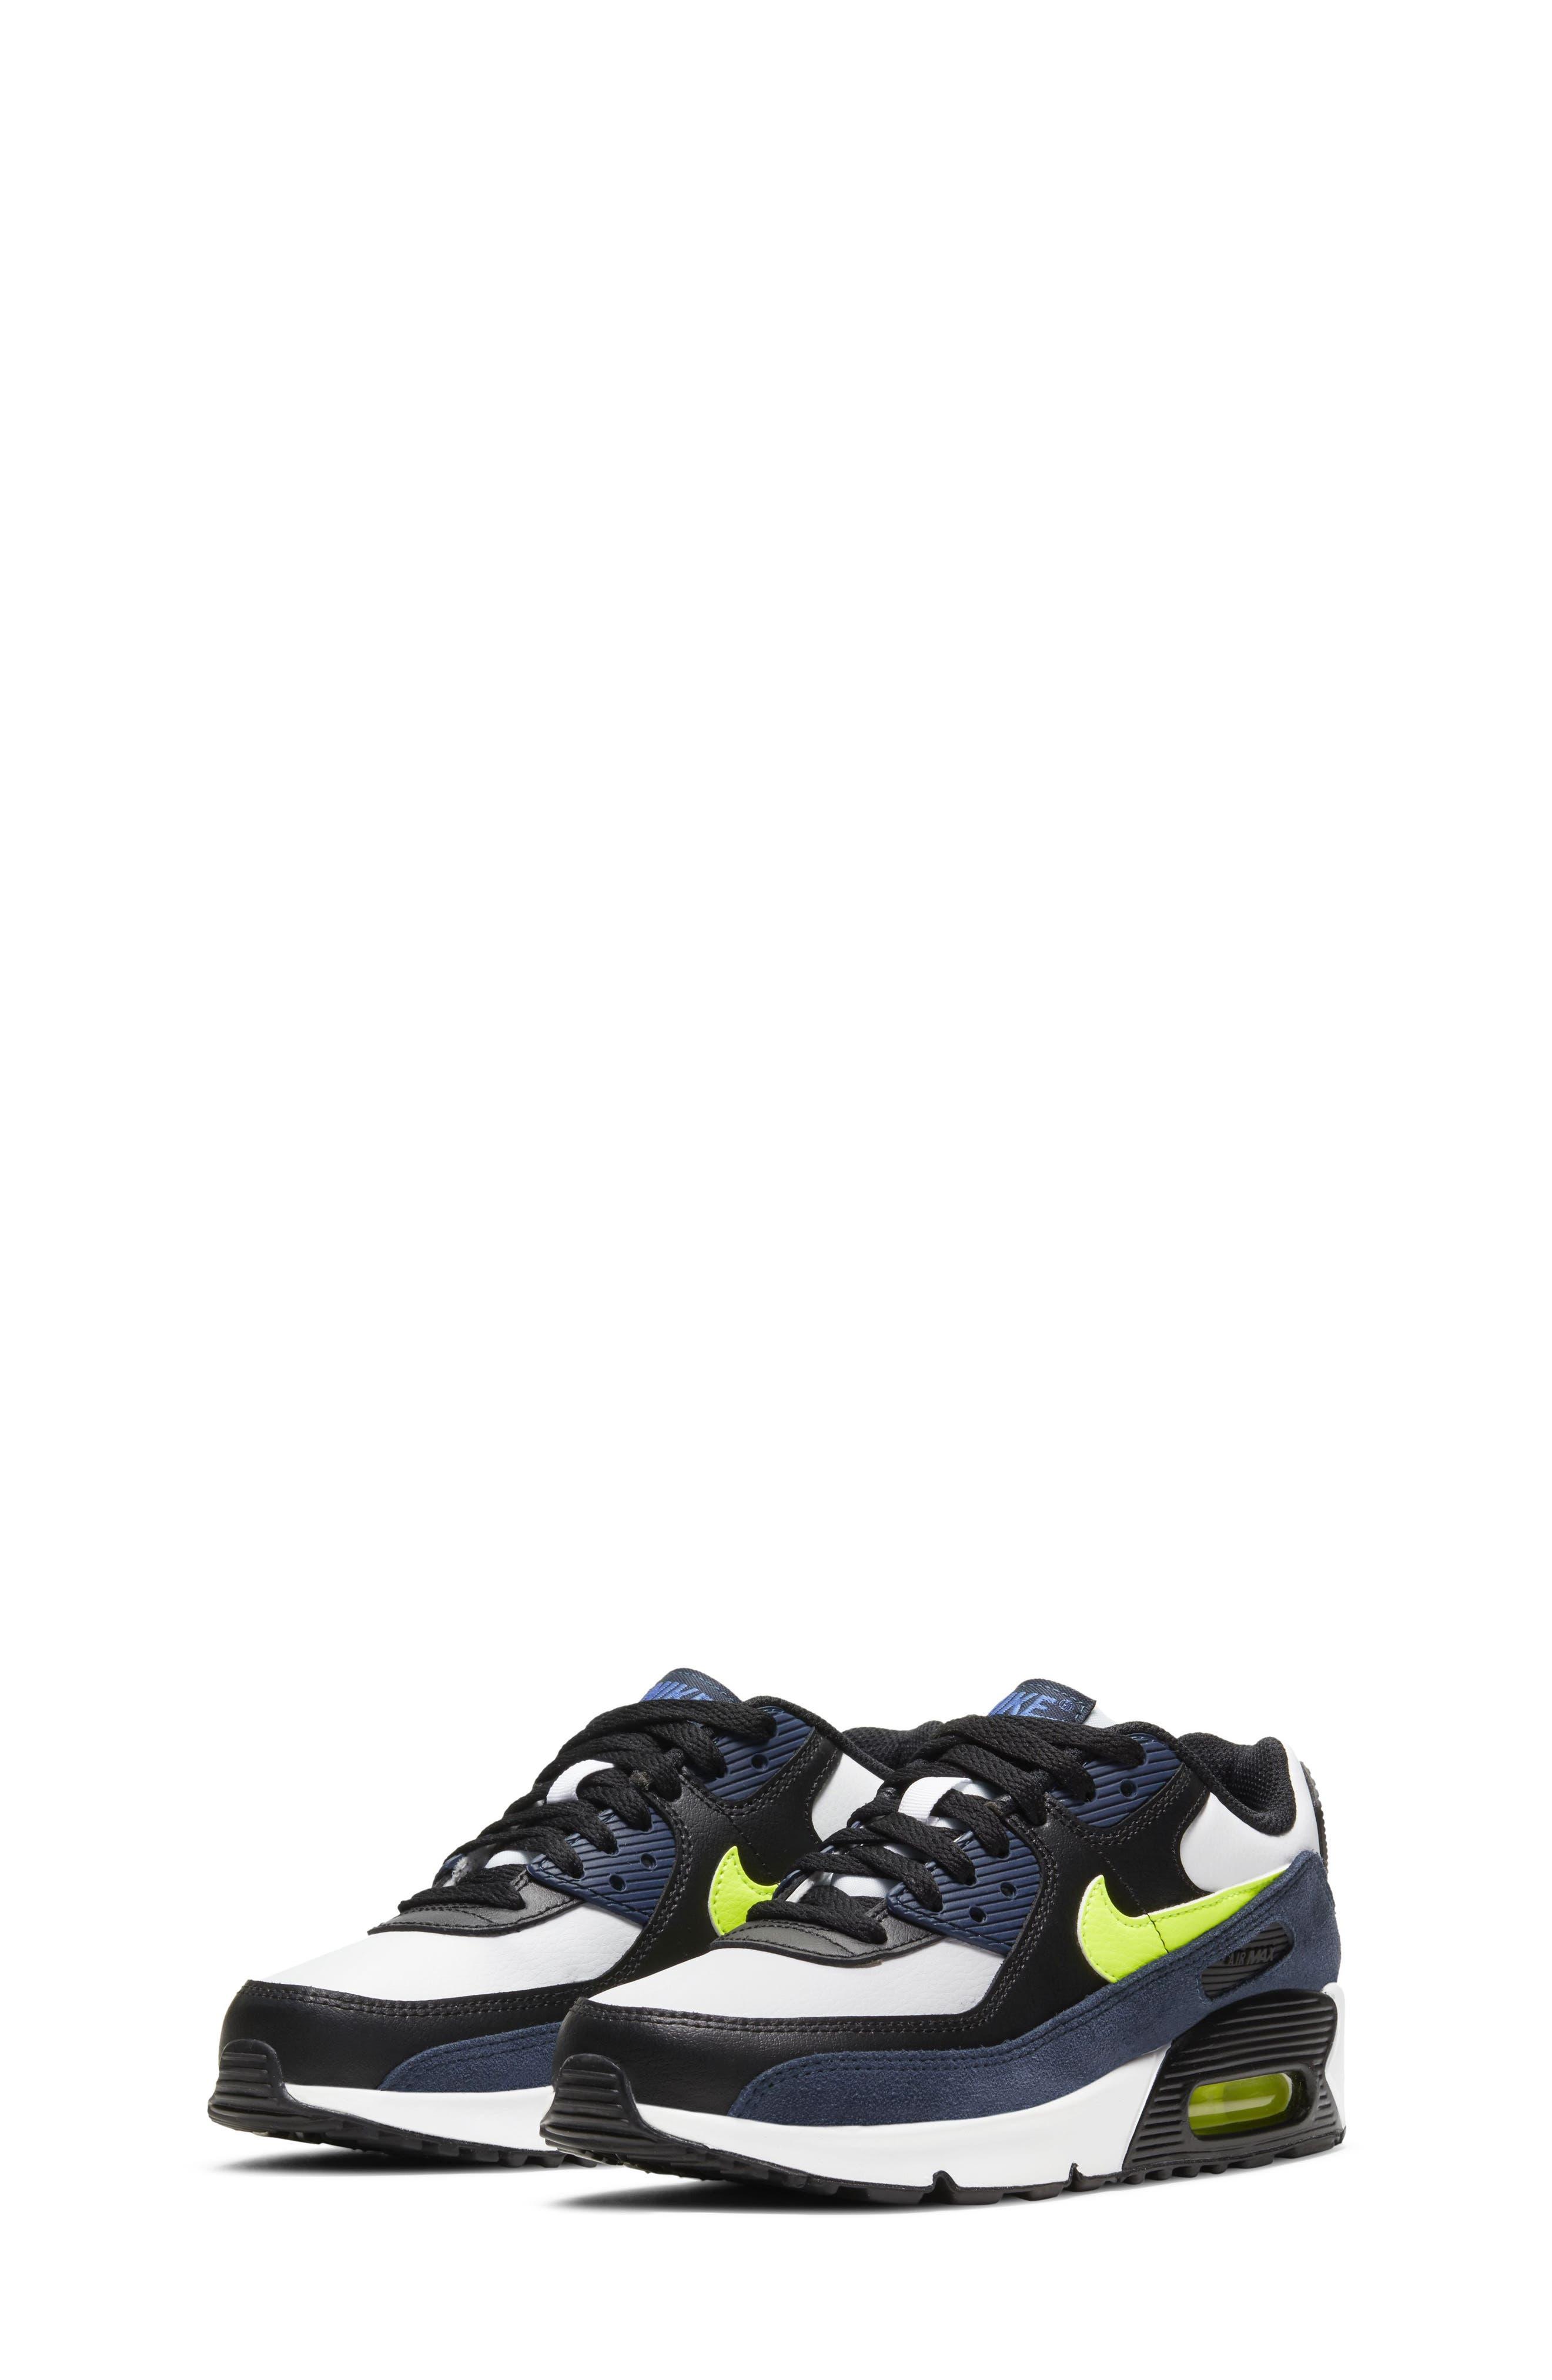 Big Boys' Nike Shoes (Sizes 3.5-7)